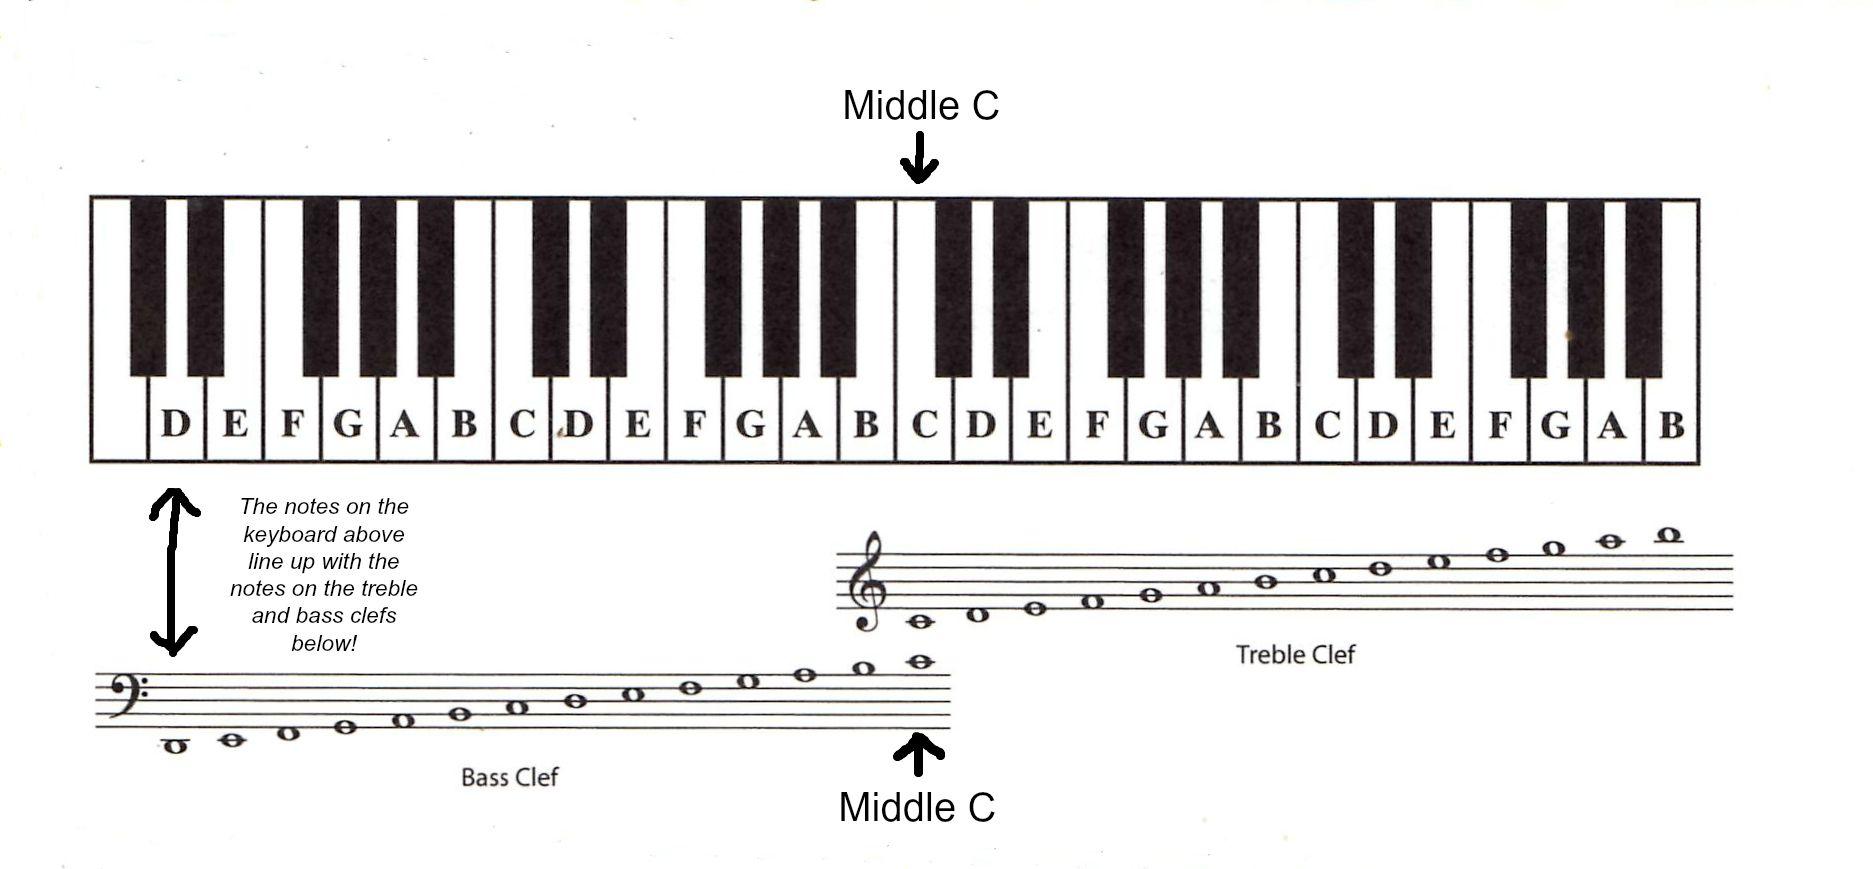 4c2ce47985a79dd477ee165a1d49de2f.jpg (1873×869)   Piano sheet ...